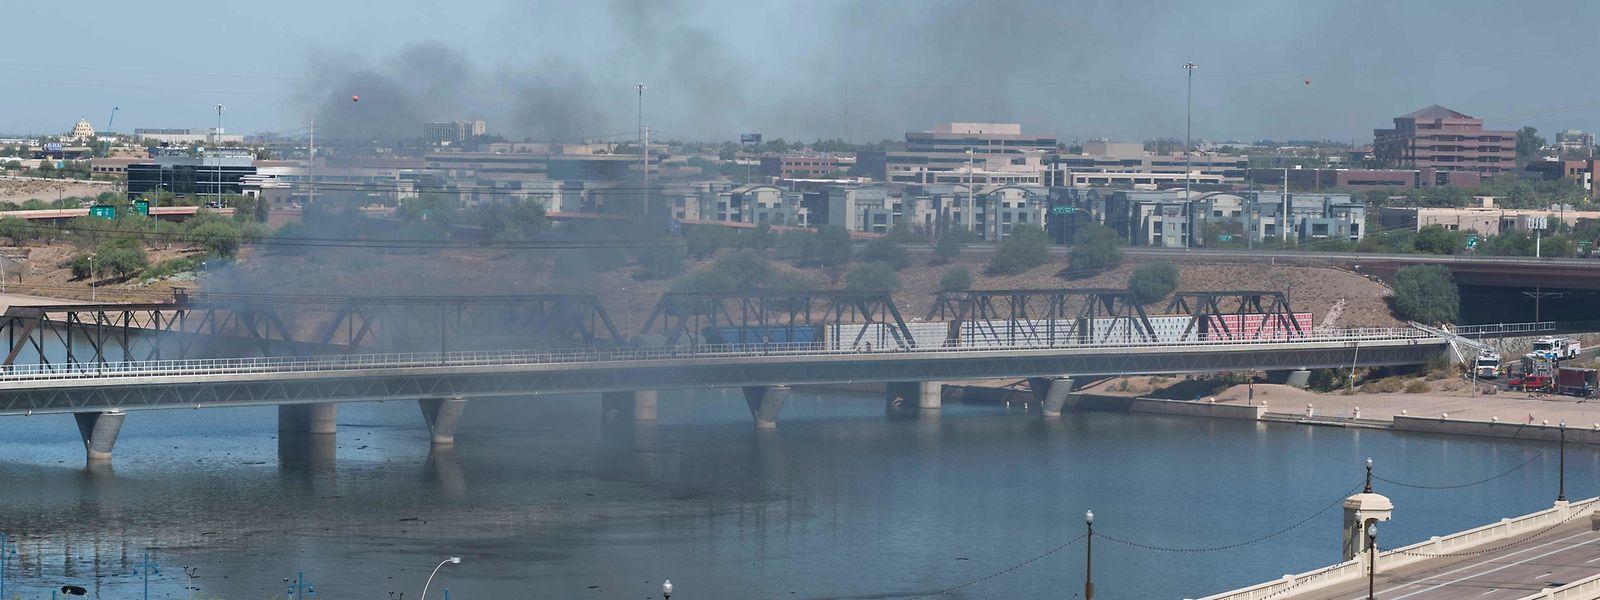 Rauch über dem brennenden Zug auf der Brücke über den Tempe Town Lake in Arizona.